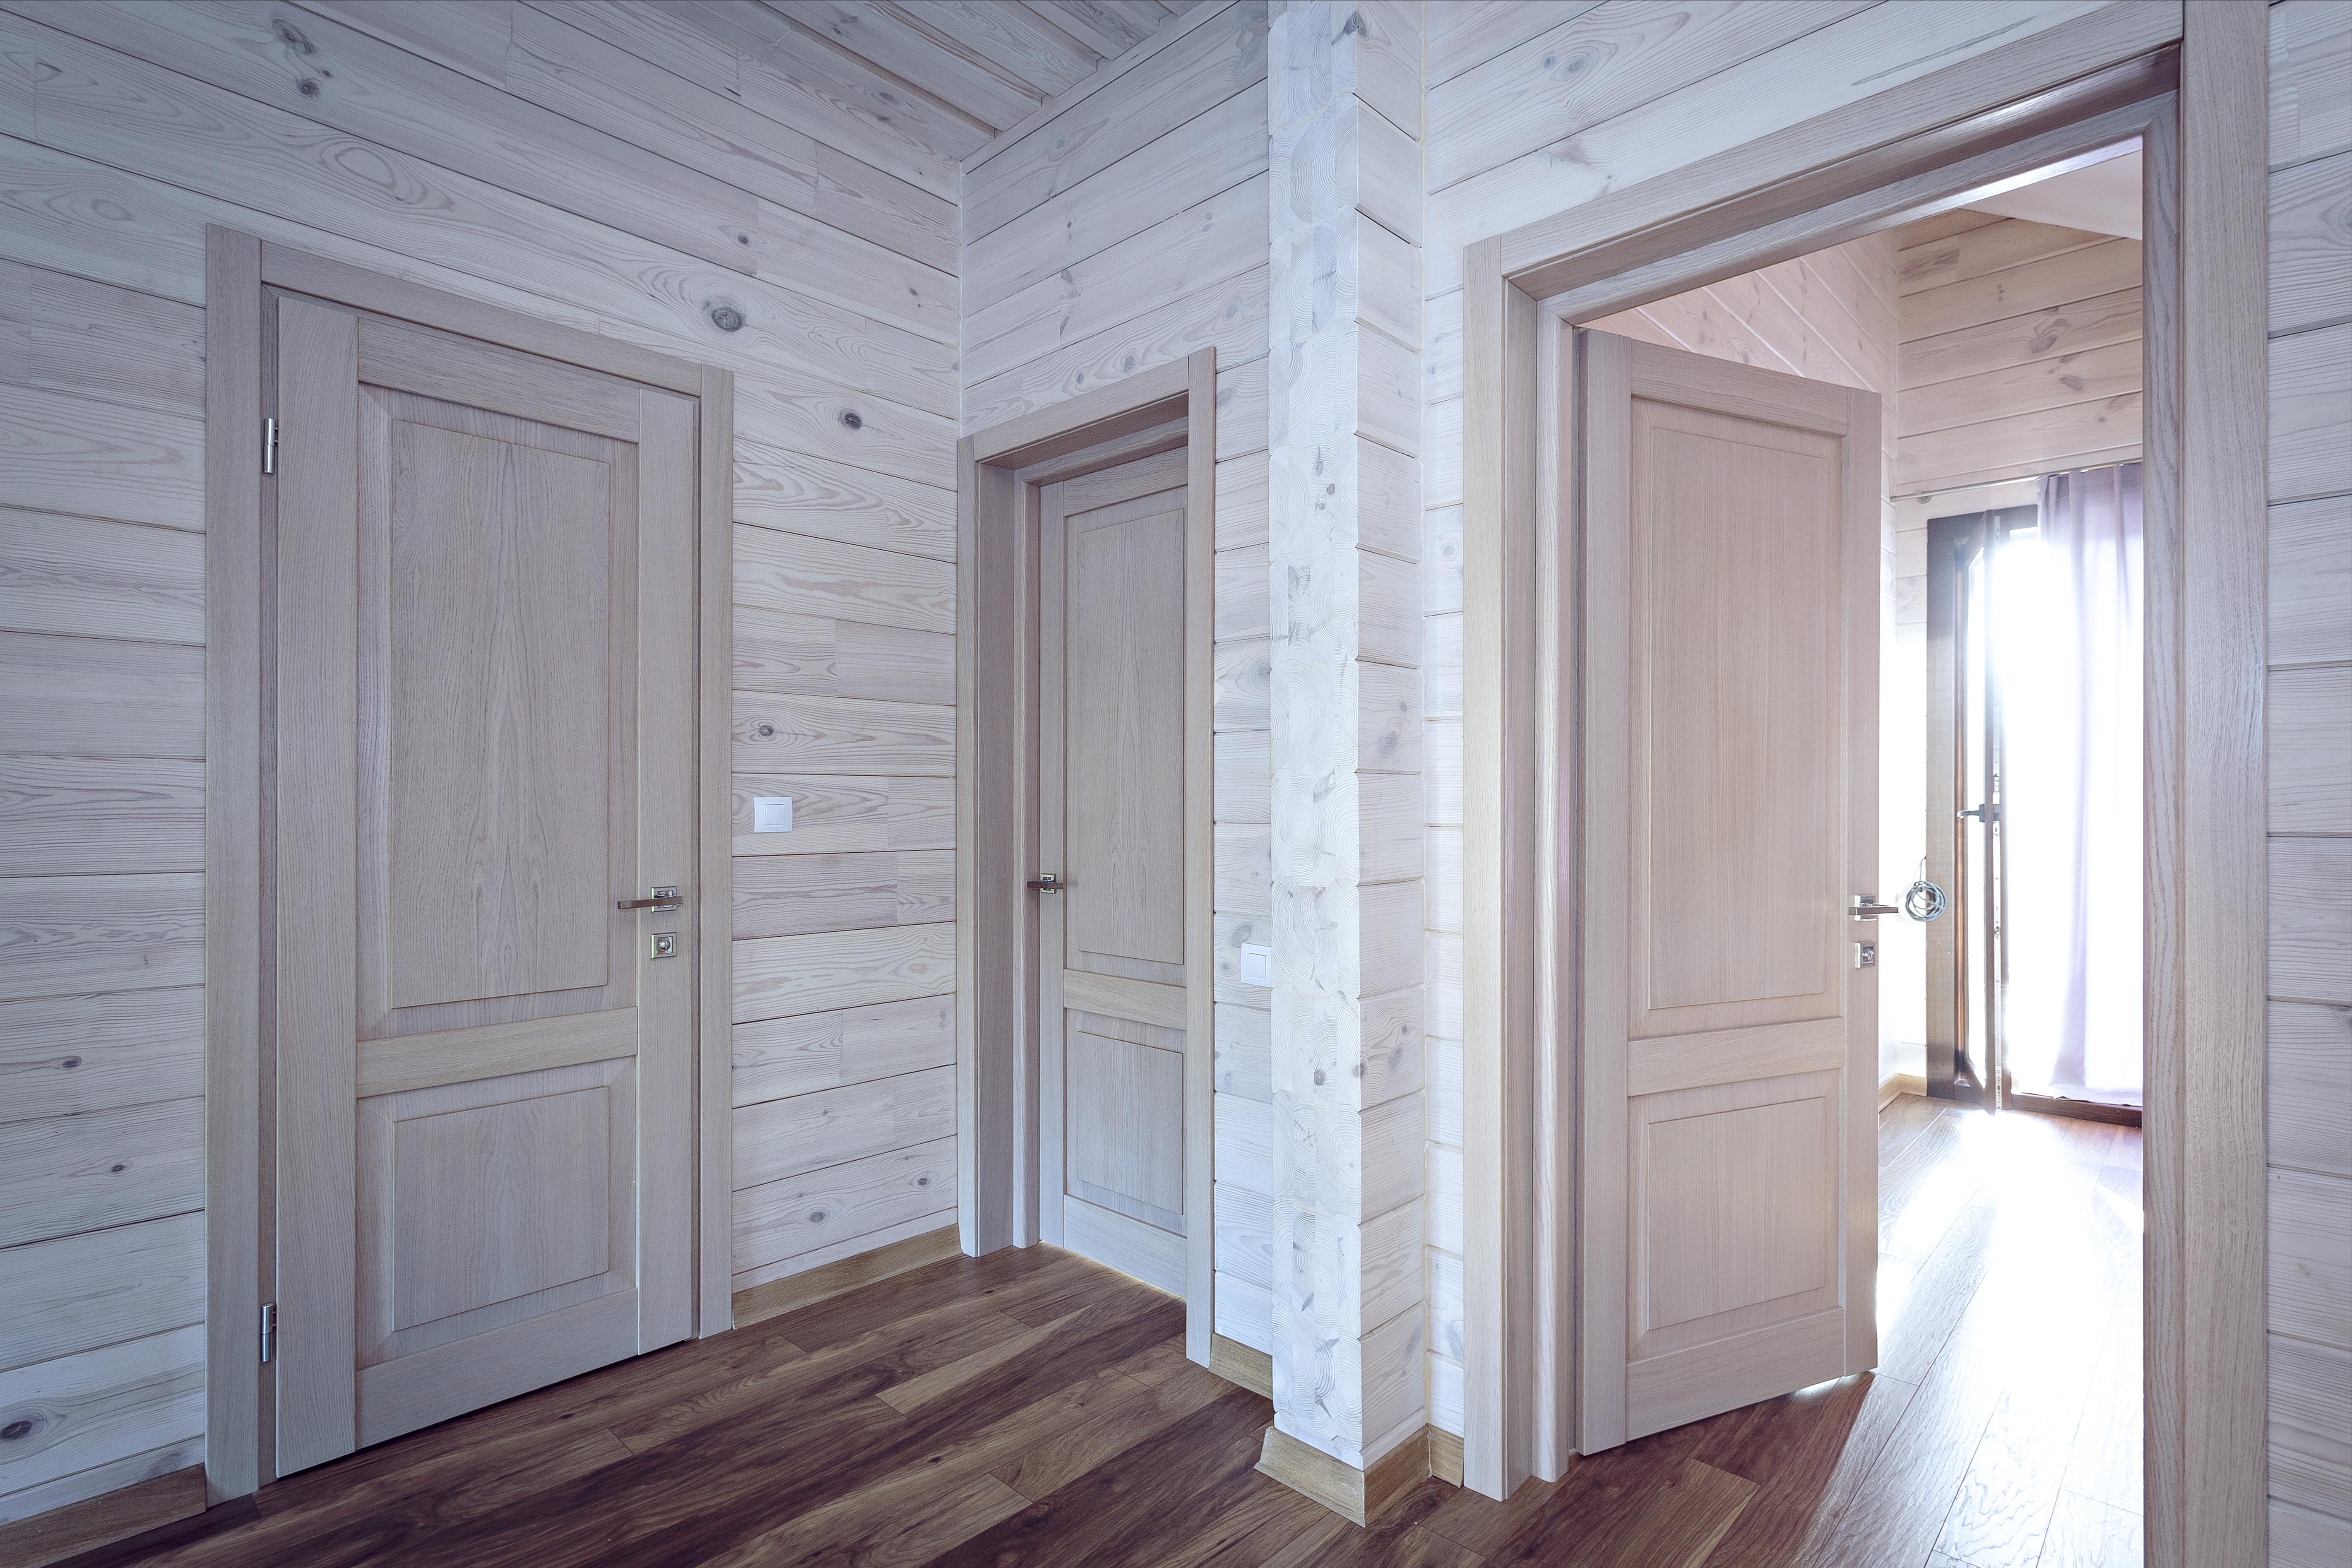 межкомнатные двери в доме из бруса фото кажется